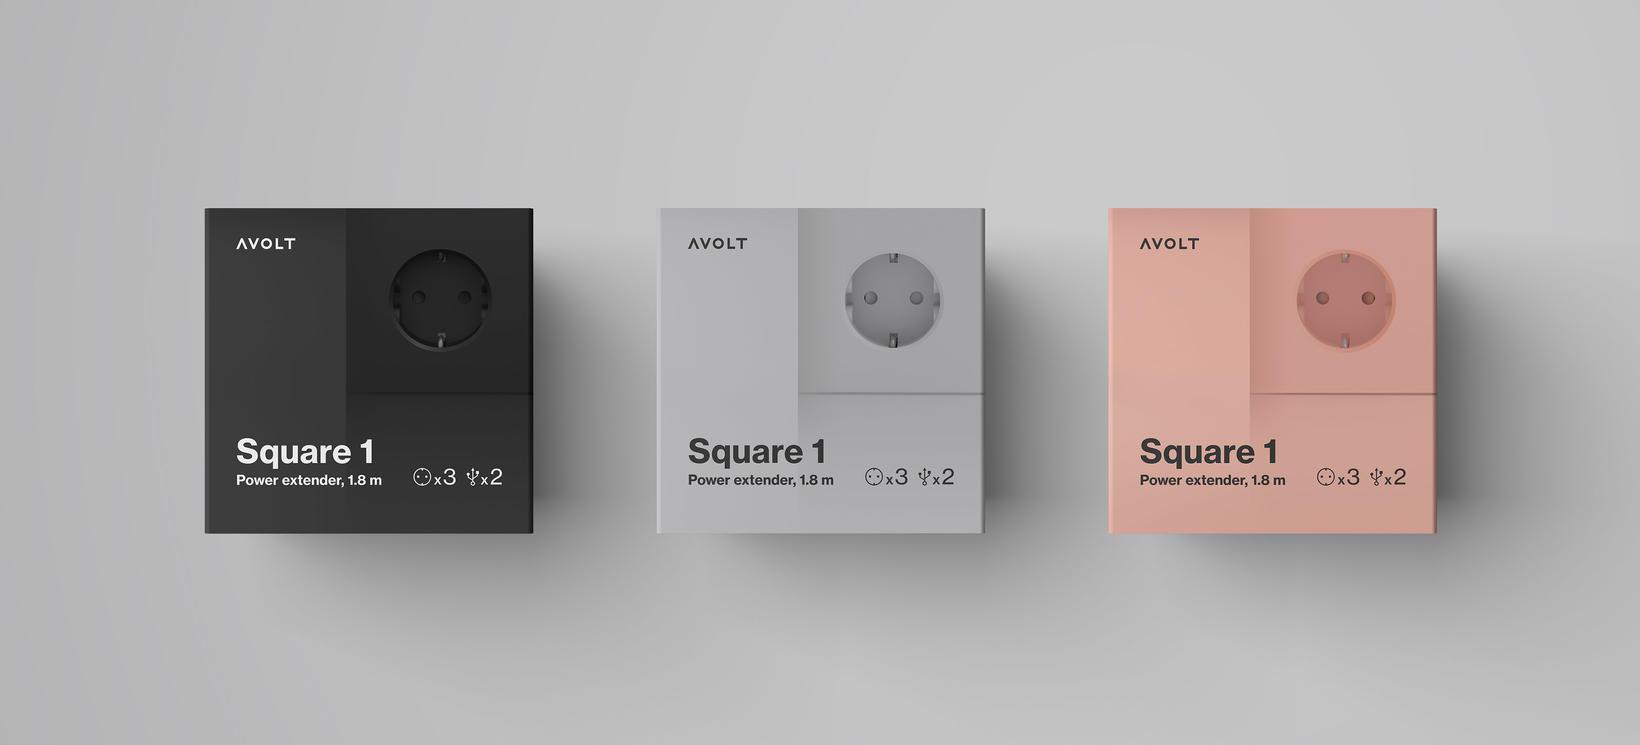 Square 1 eru fáanleg í svörtu, gráu og bleikum lit.